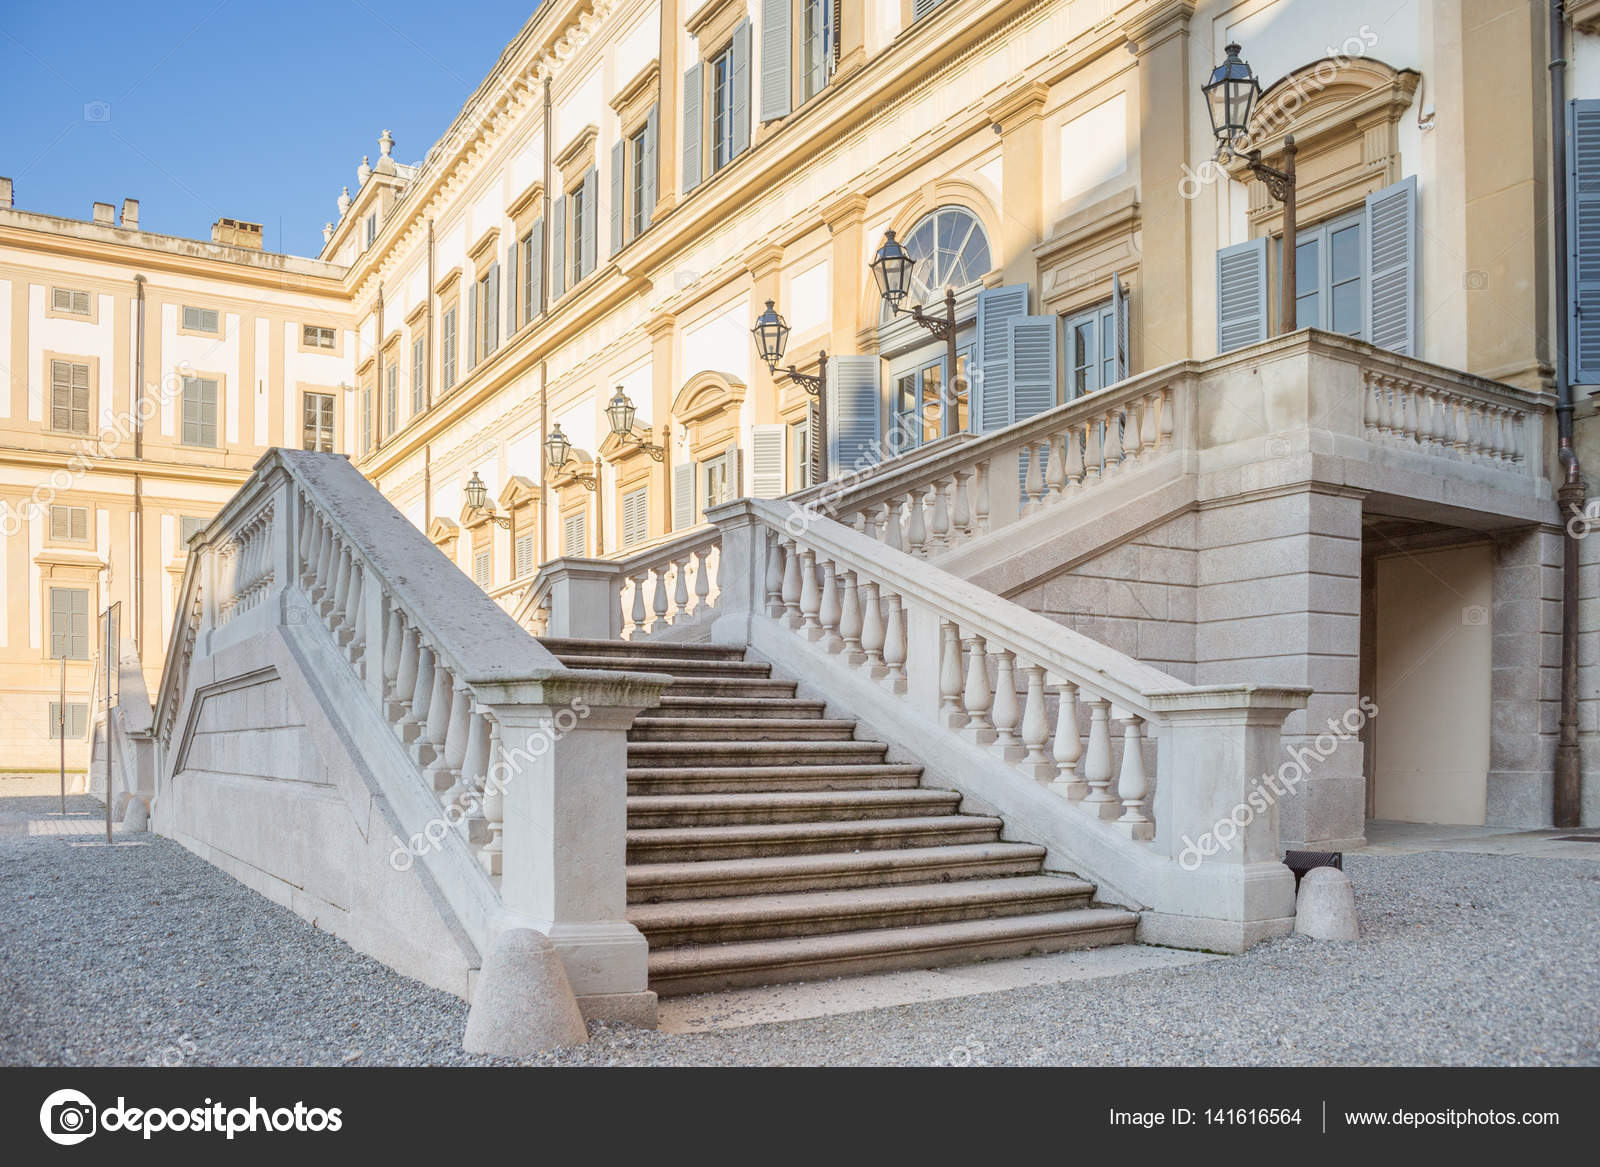 Marmor Treppe Am Eingang Der Villa Reale Von Monza, Italien U2014 Stockfoto